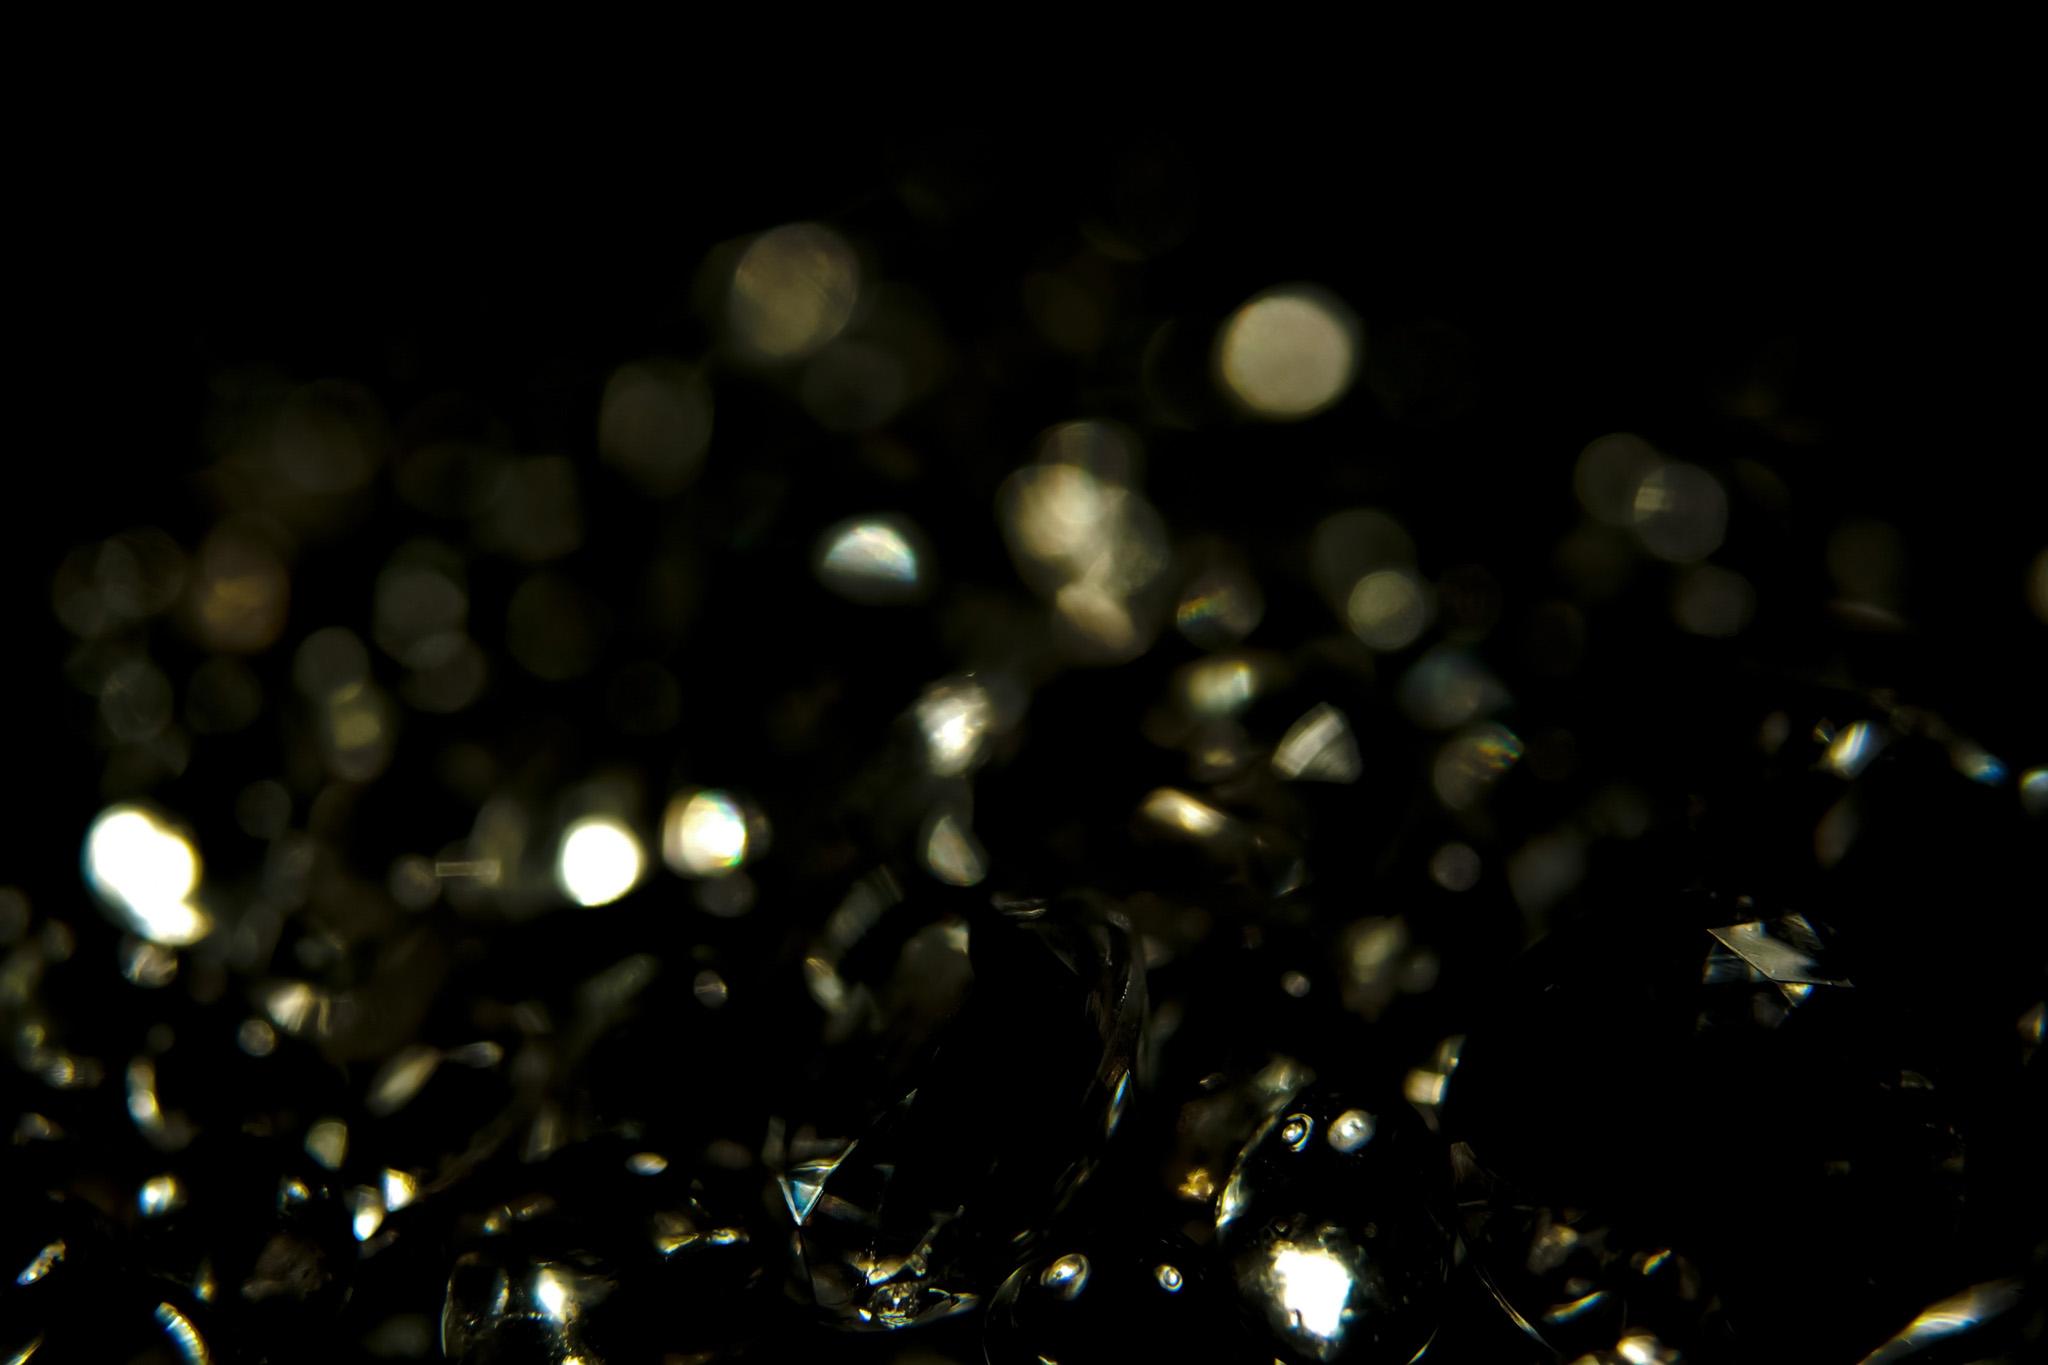 「キラキラの光背景」